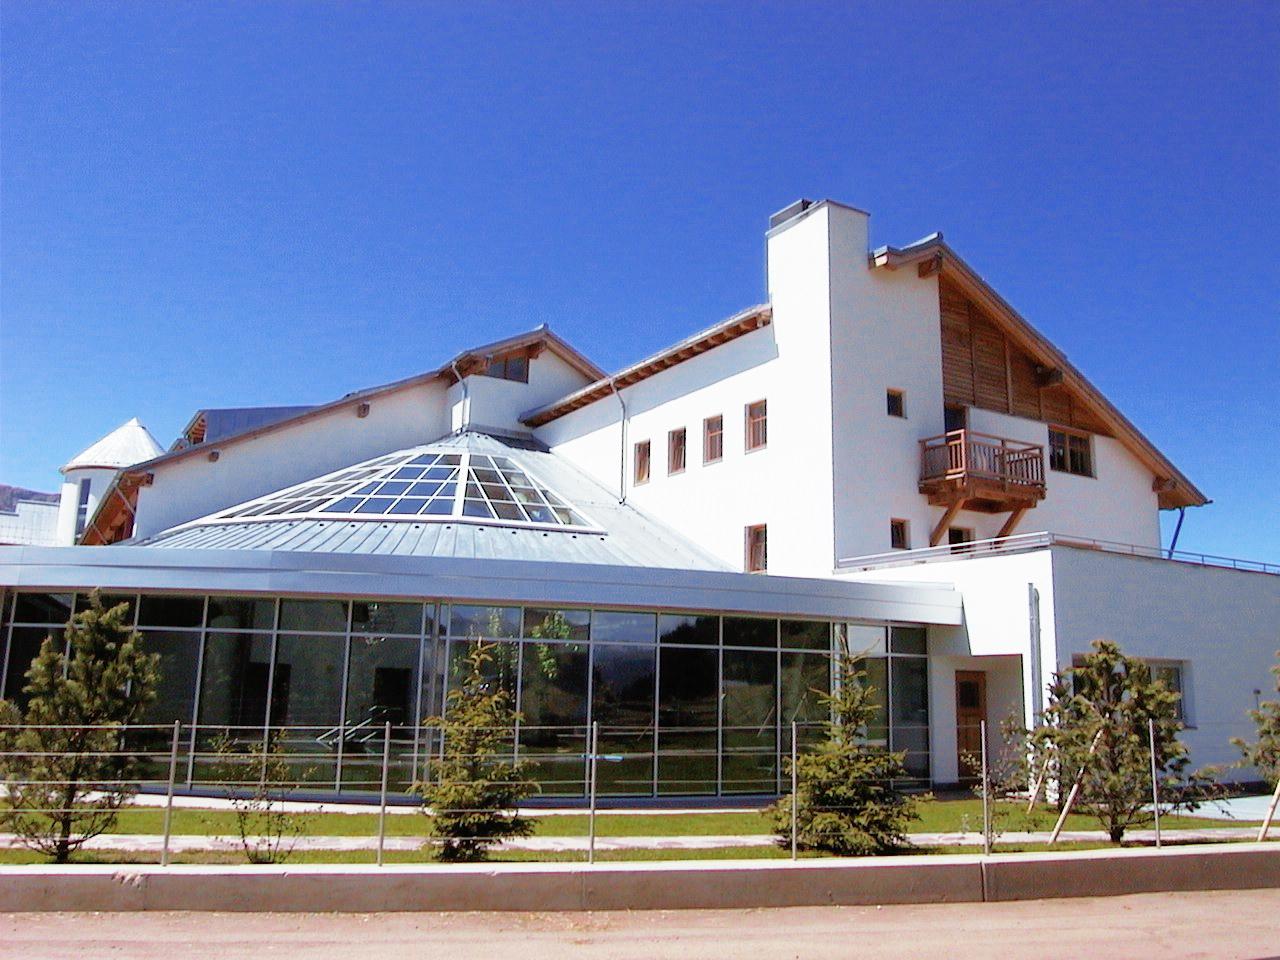 Hotel Urtaler - Referenzen